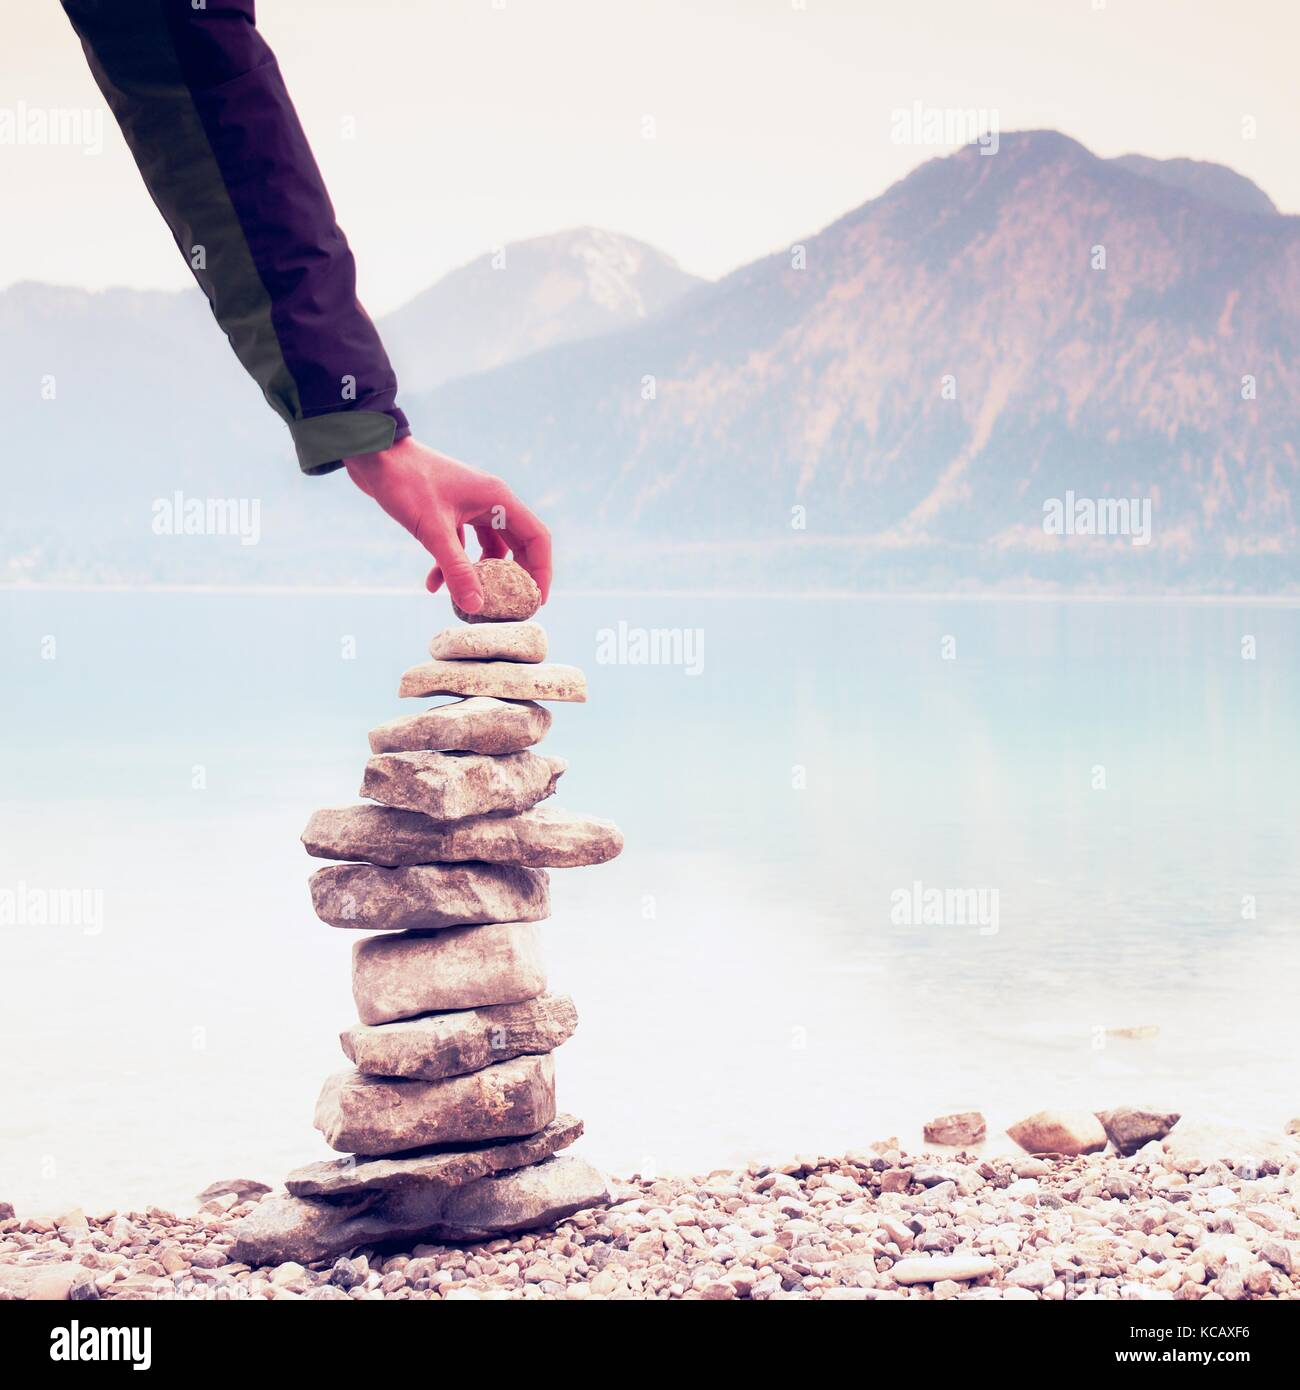 Homme pyramide construite à partir de galets. Pierre pyramide équilibrée sur le rivage de l'eau Photo Stock